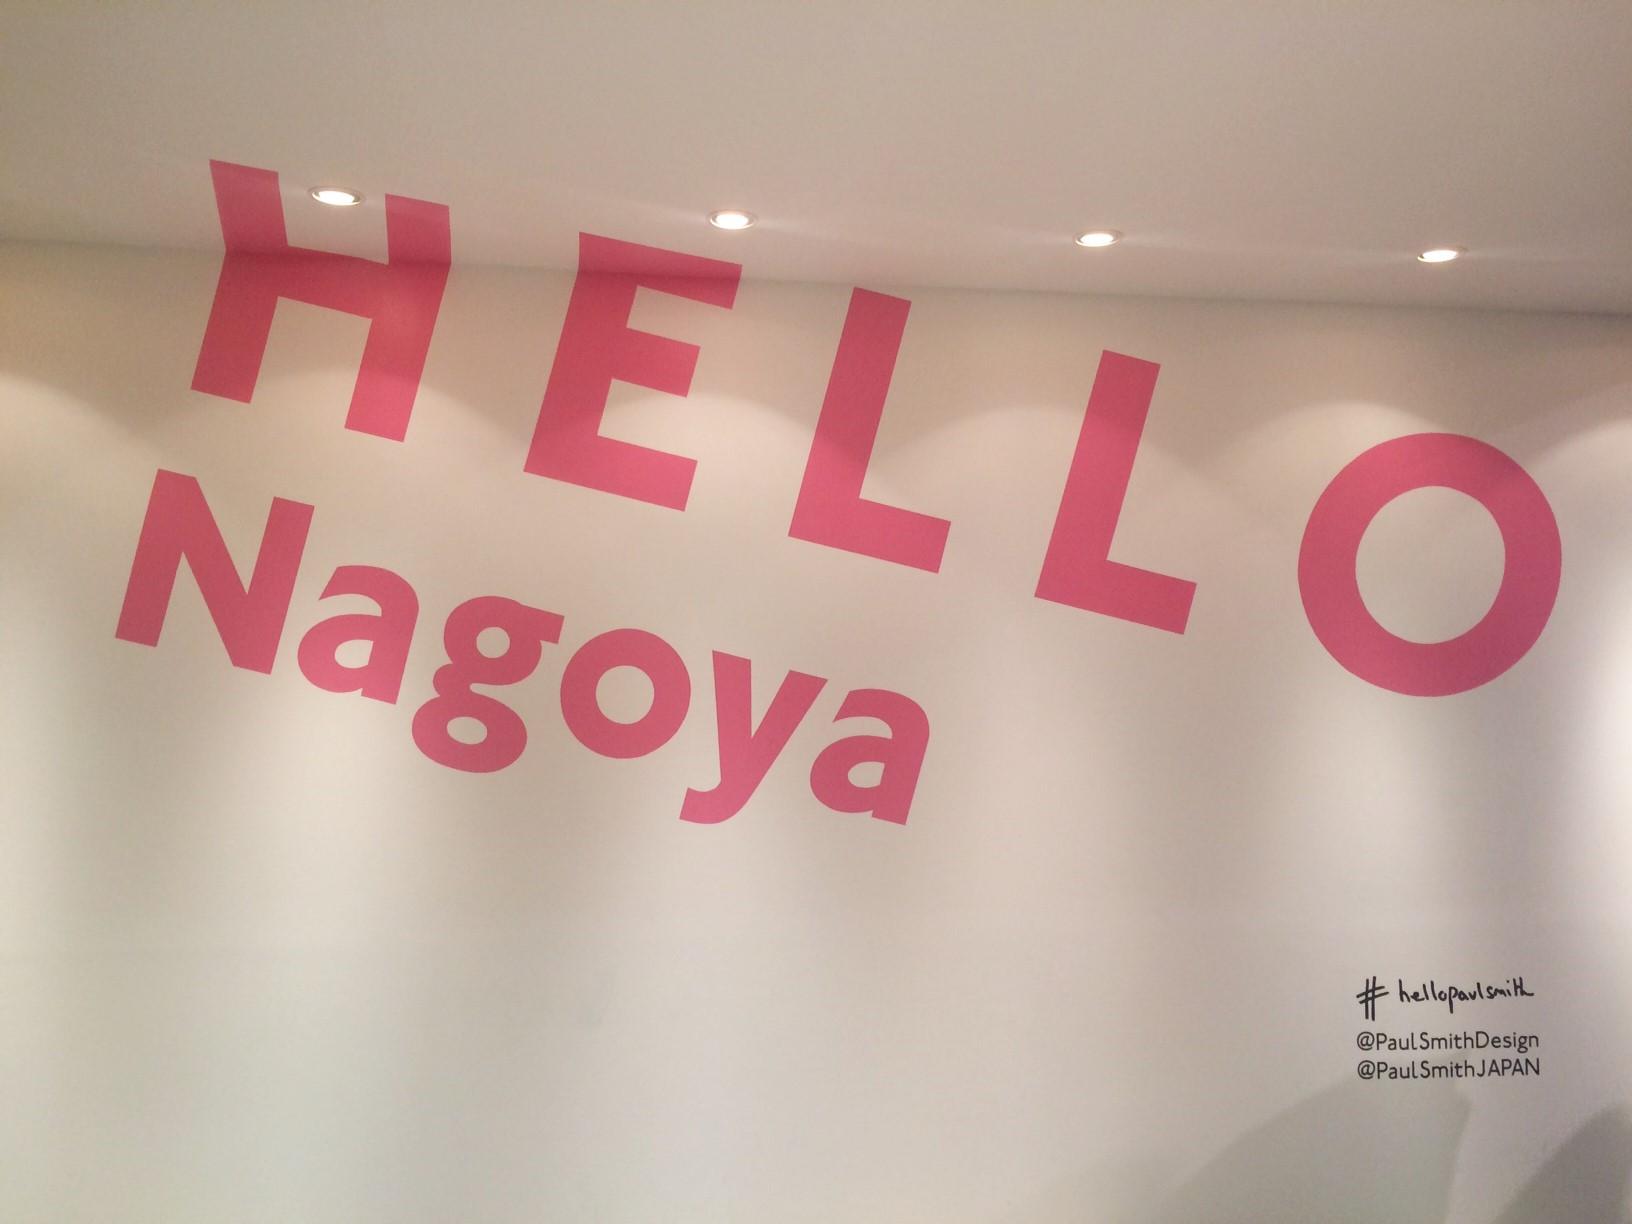 カラフルな作品と展示に心躍る!「ポール・スミス展」 in 名古屋体験レポート - IMG 7885